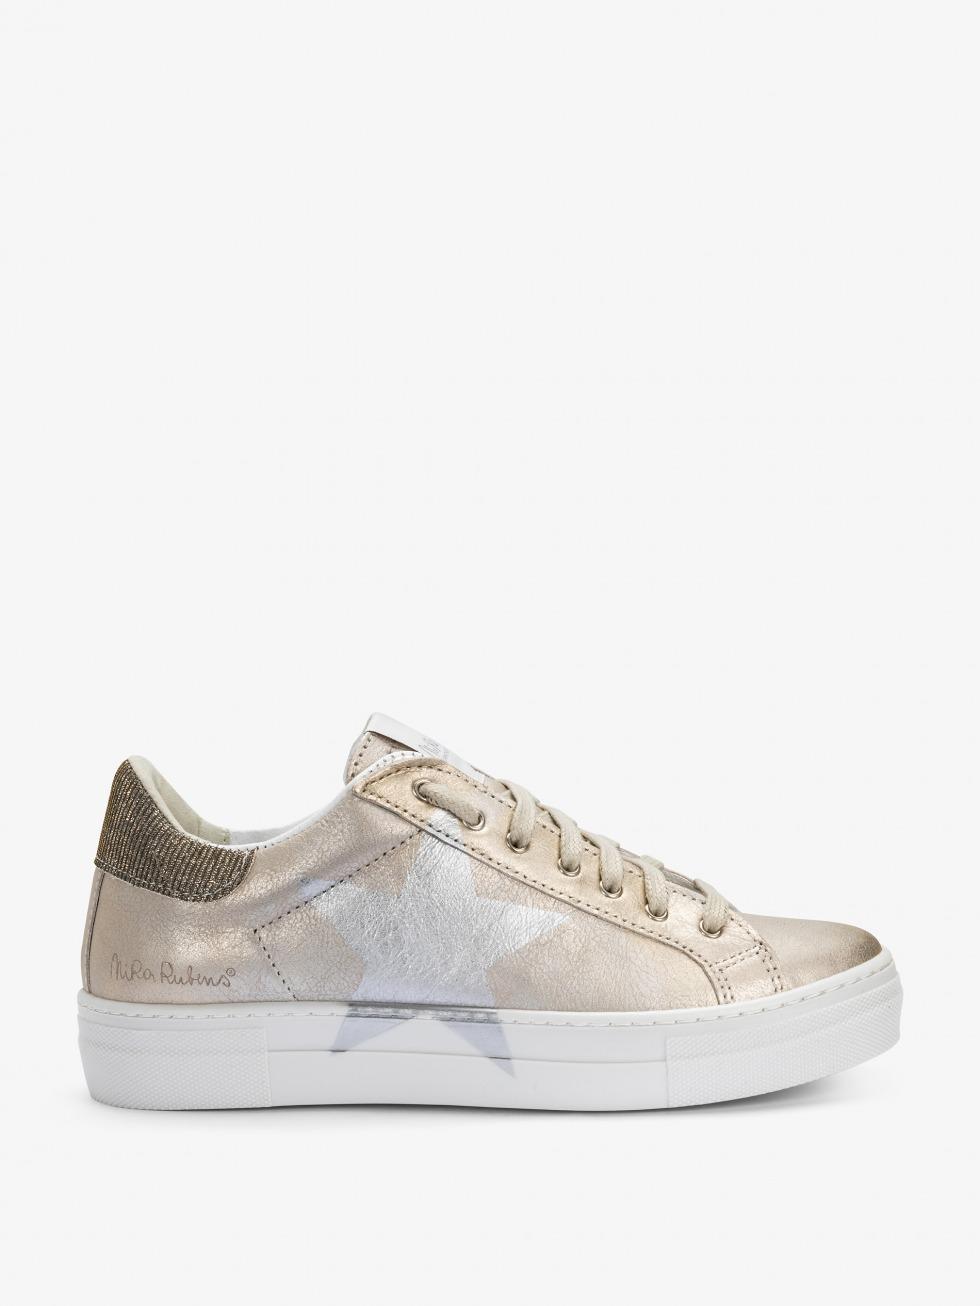 Sneakers Martini Shine Gold - Stella